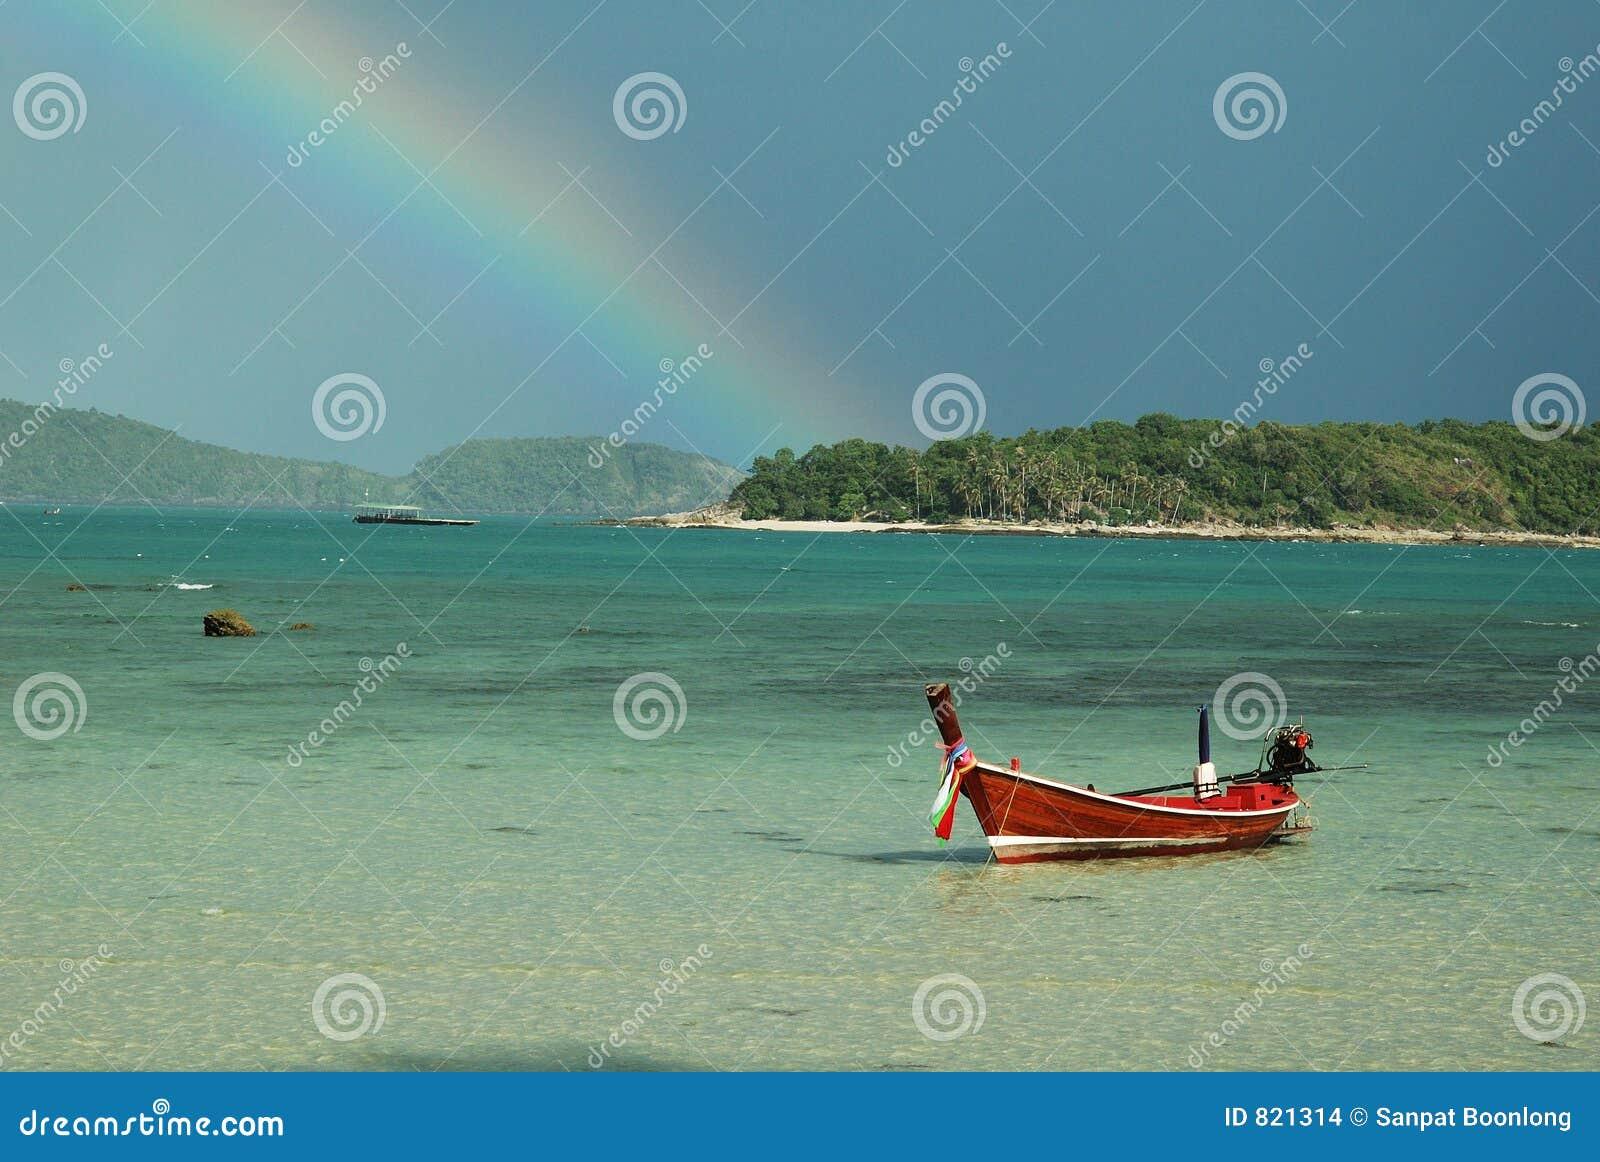 Phuket island.